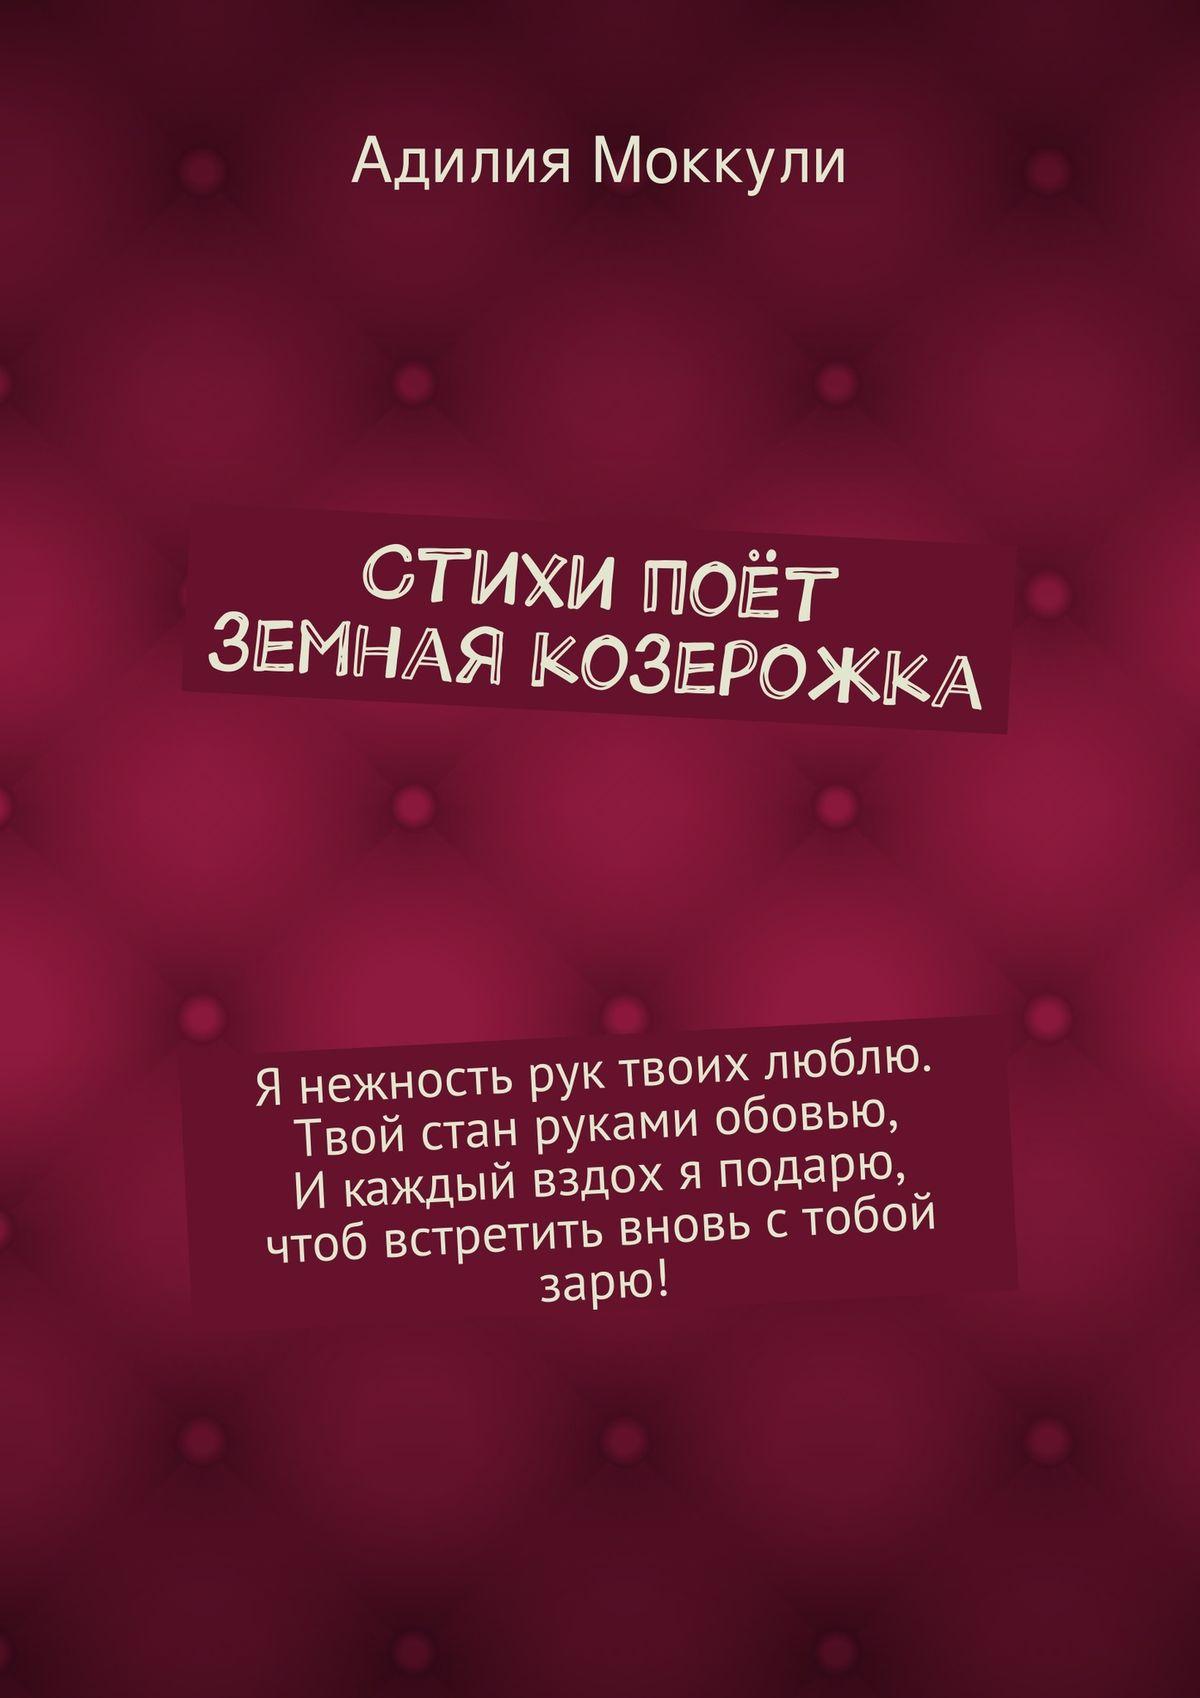 Адилия Моккули Стихи поёт земная козерожка адилия моккули осень играет печально нафлейте